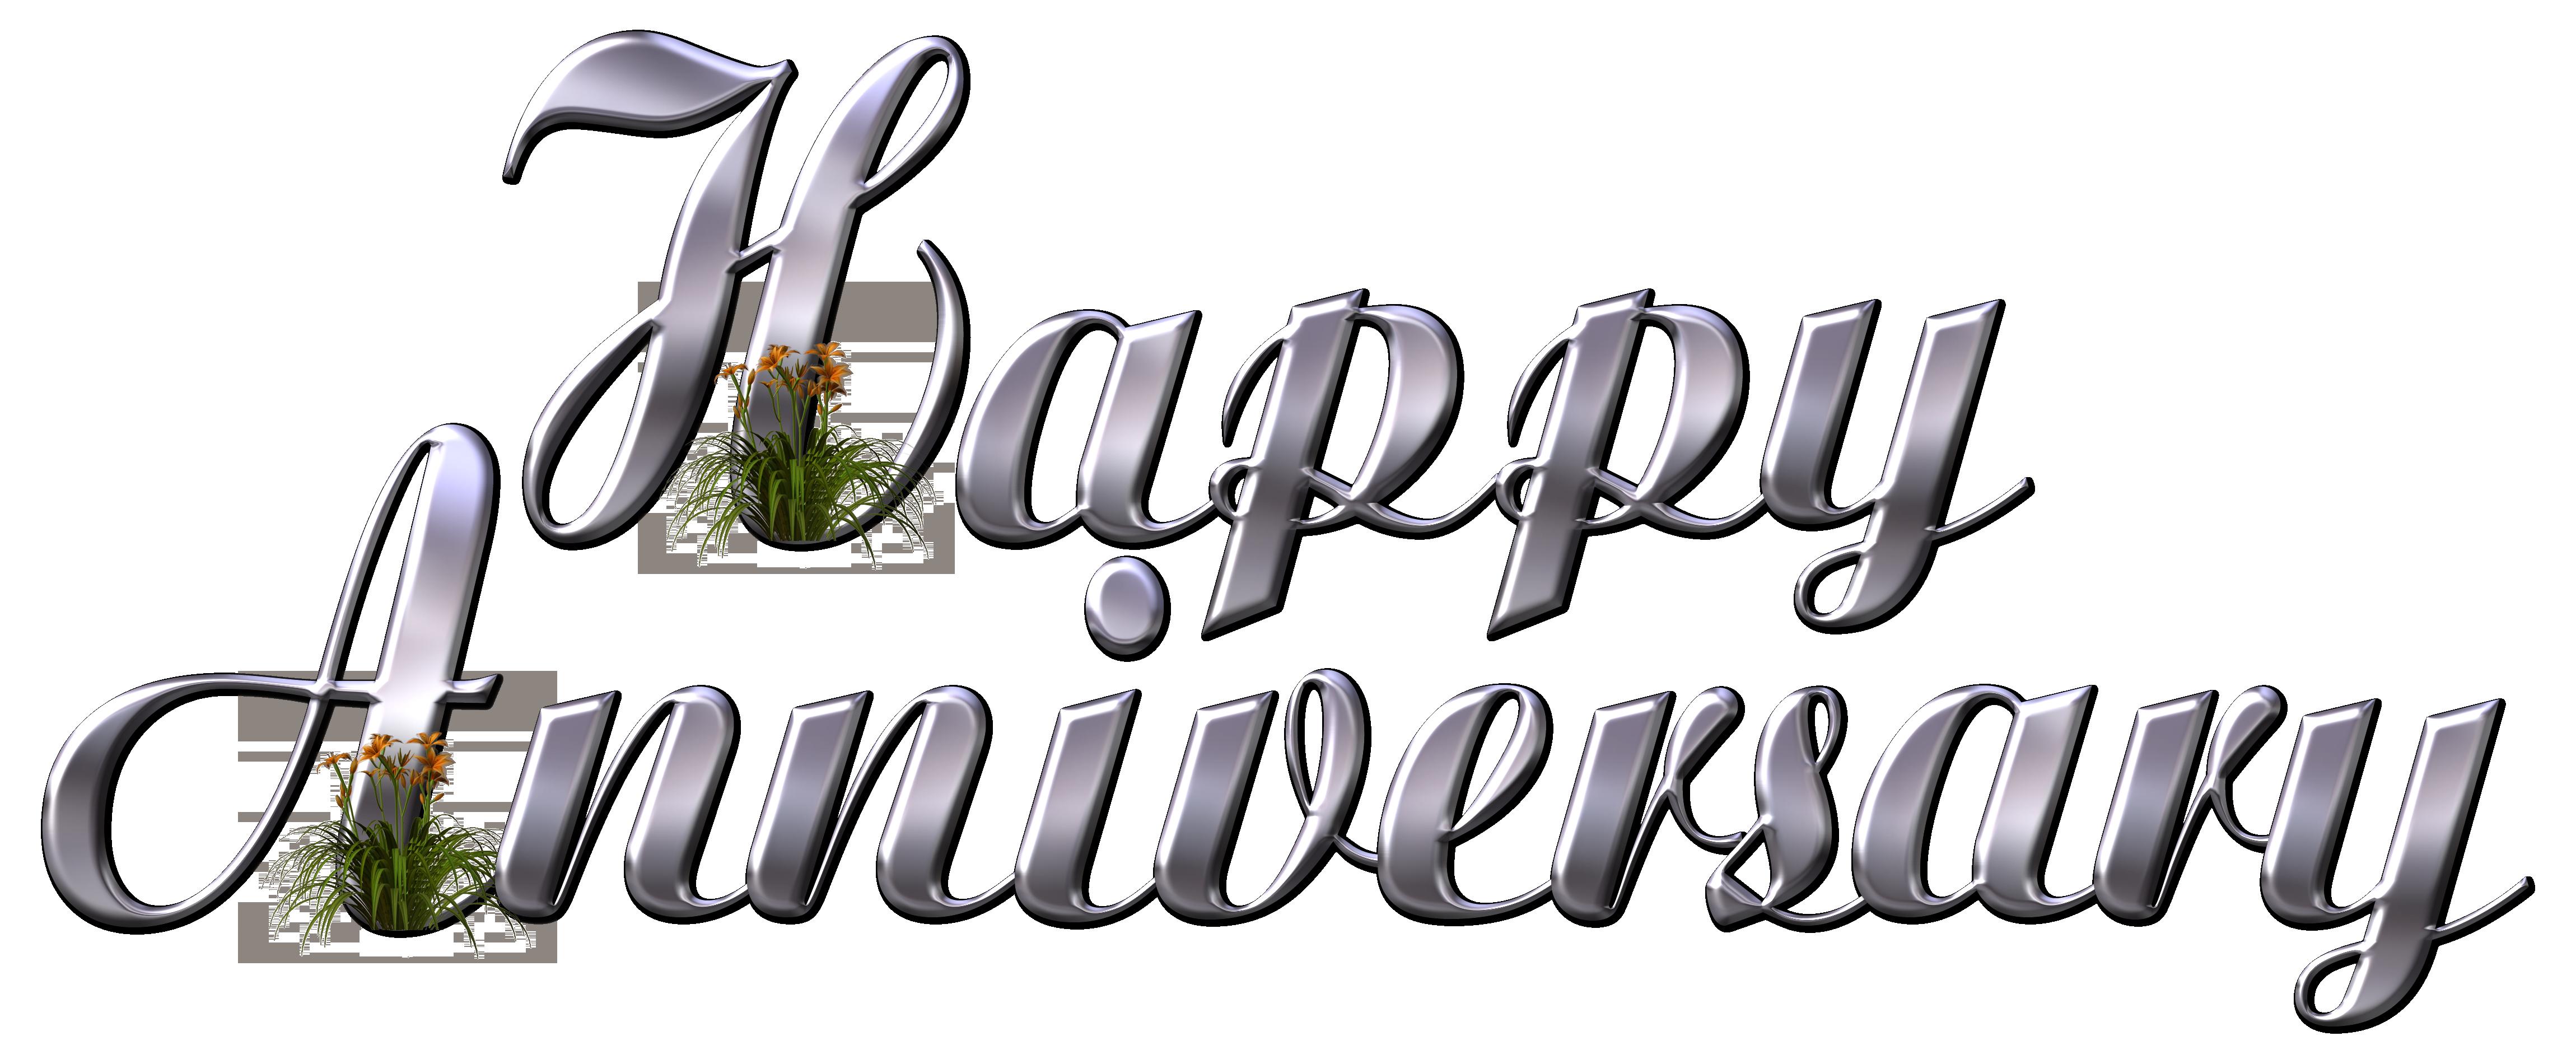 October clipart october anniversary. Wedding wish birthday clip